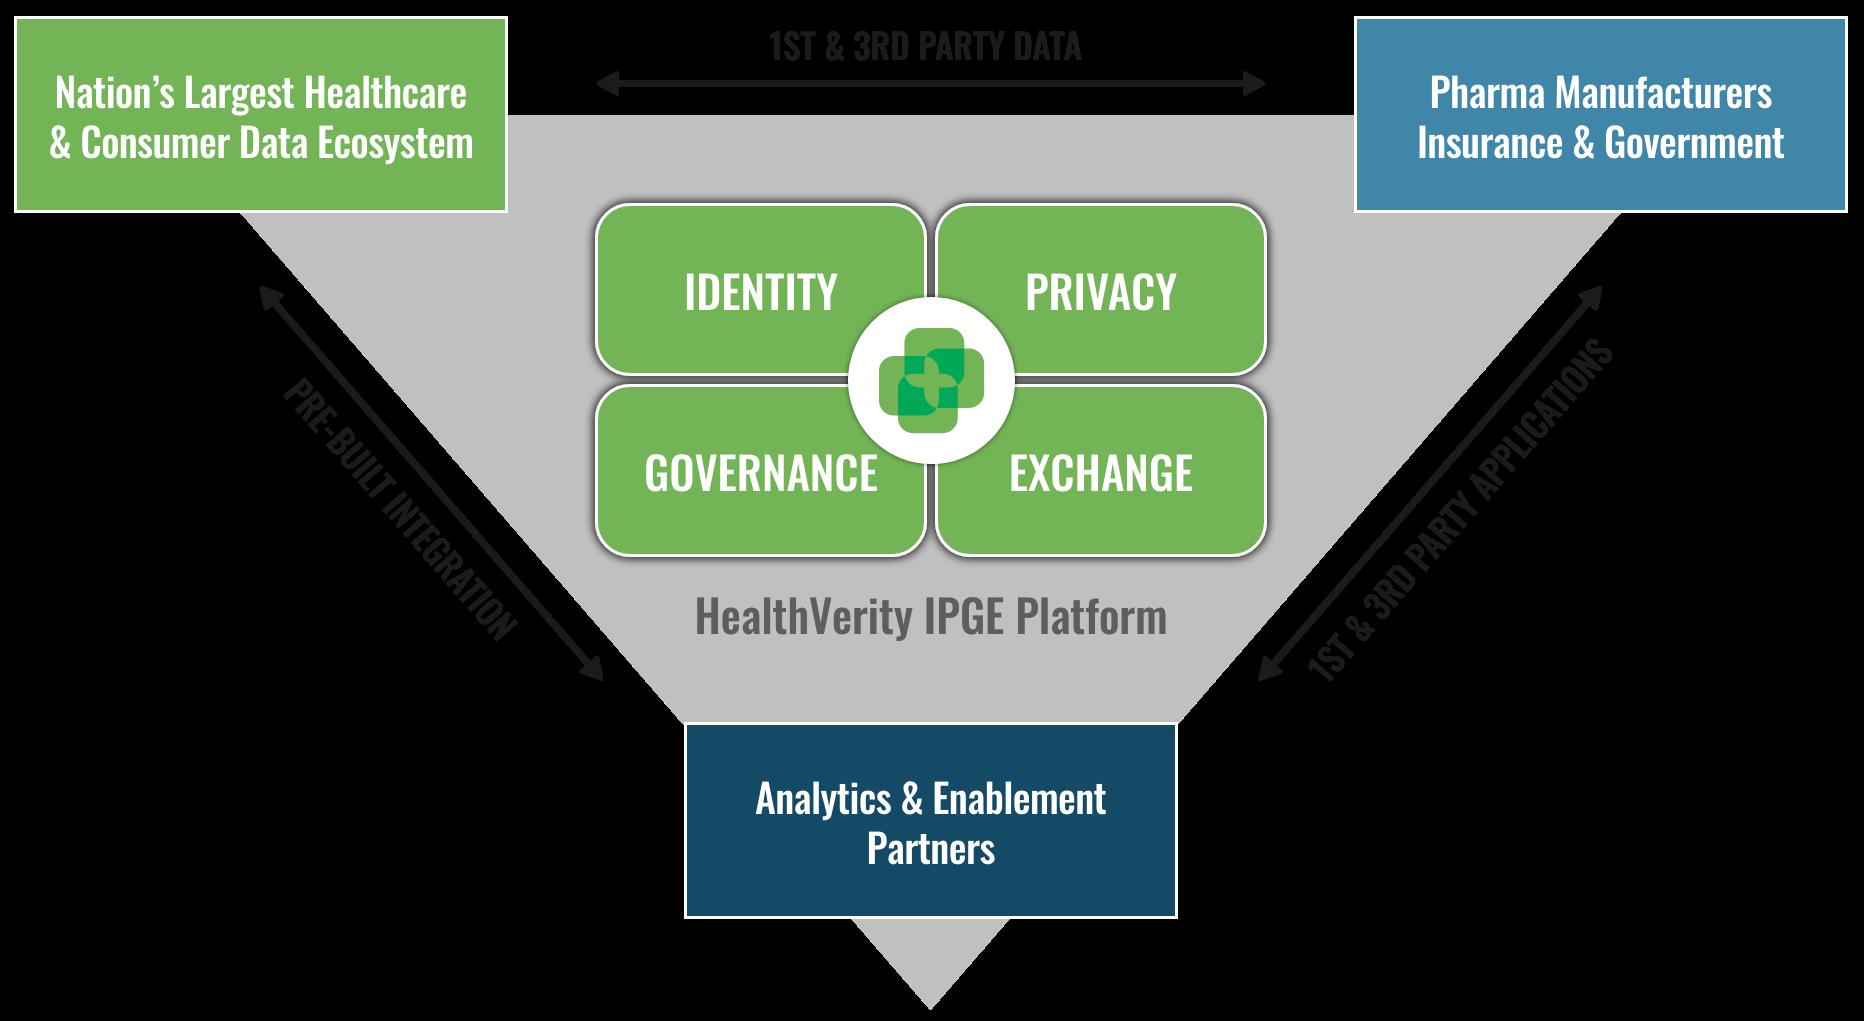 HealthVerity IPGE platform